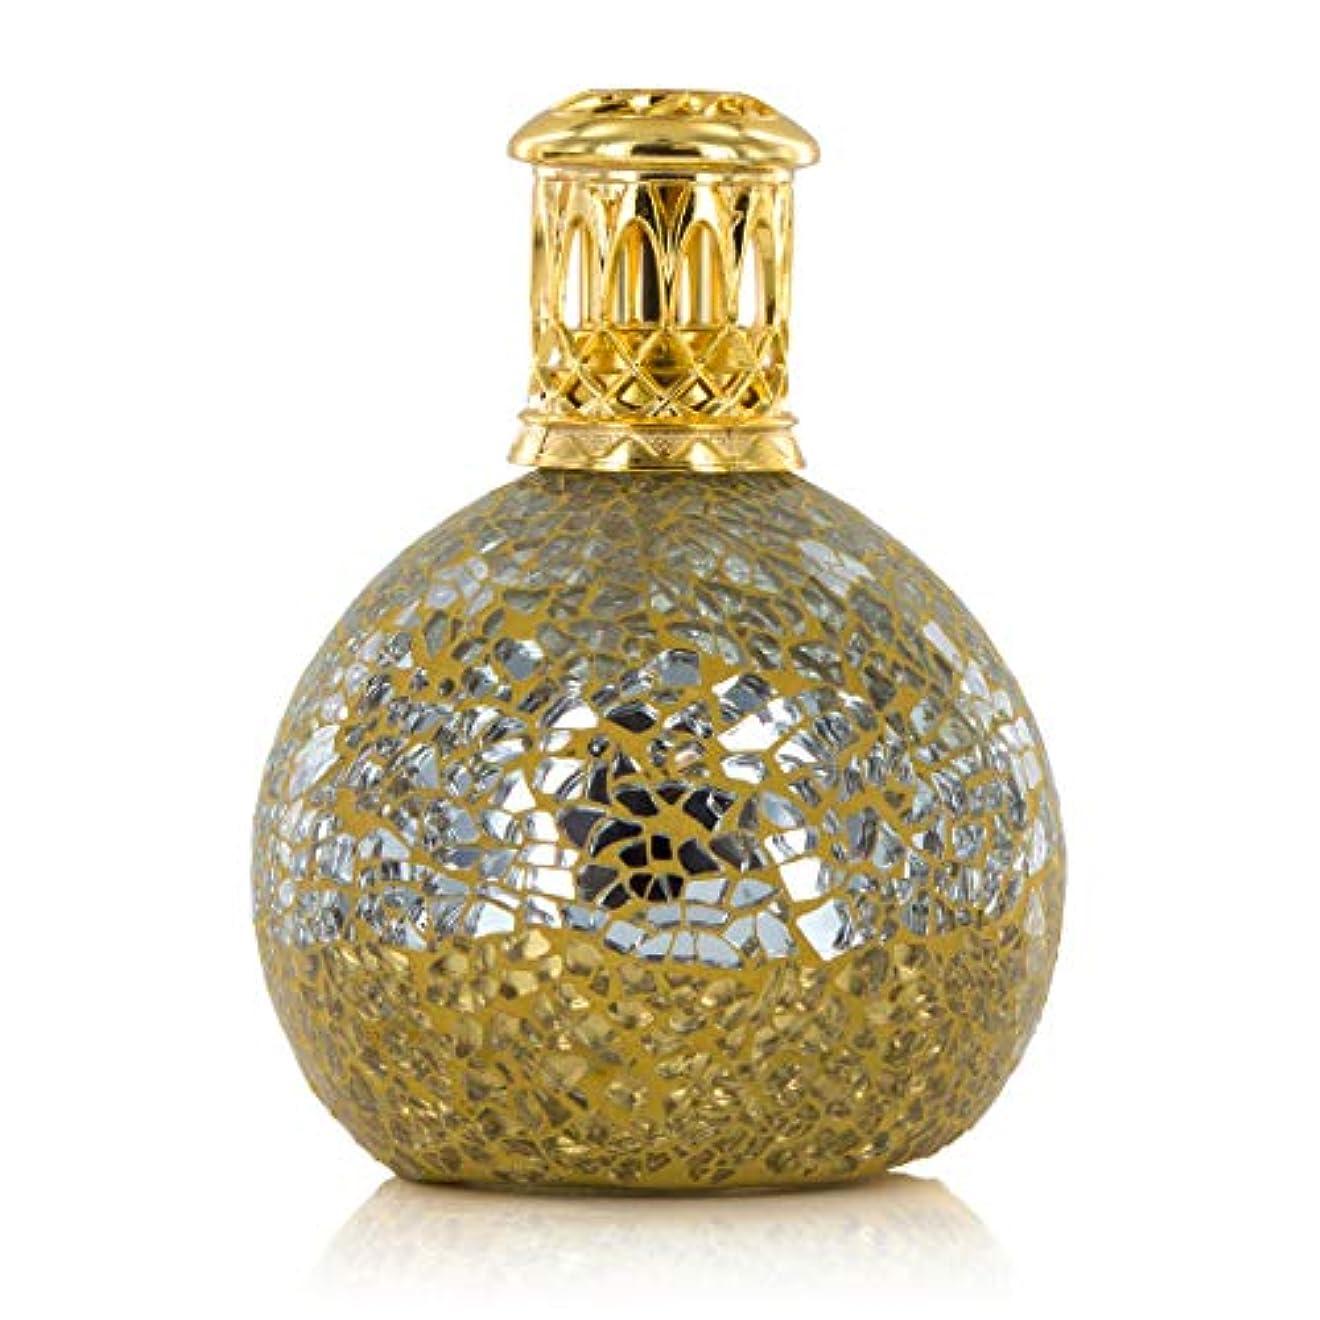 種馬鹿げた新しさアシュレイ&バーウッド(Ashleigh&Burwood) Ashleigh&Burwood フレグランスランプ S リトルトレジャー FragranceLamps sizeS LittleTreasure アシュレイ&バーウッド 80㎜×80㎜×115㎜